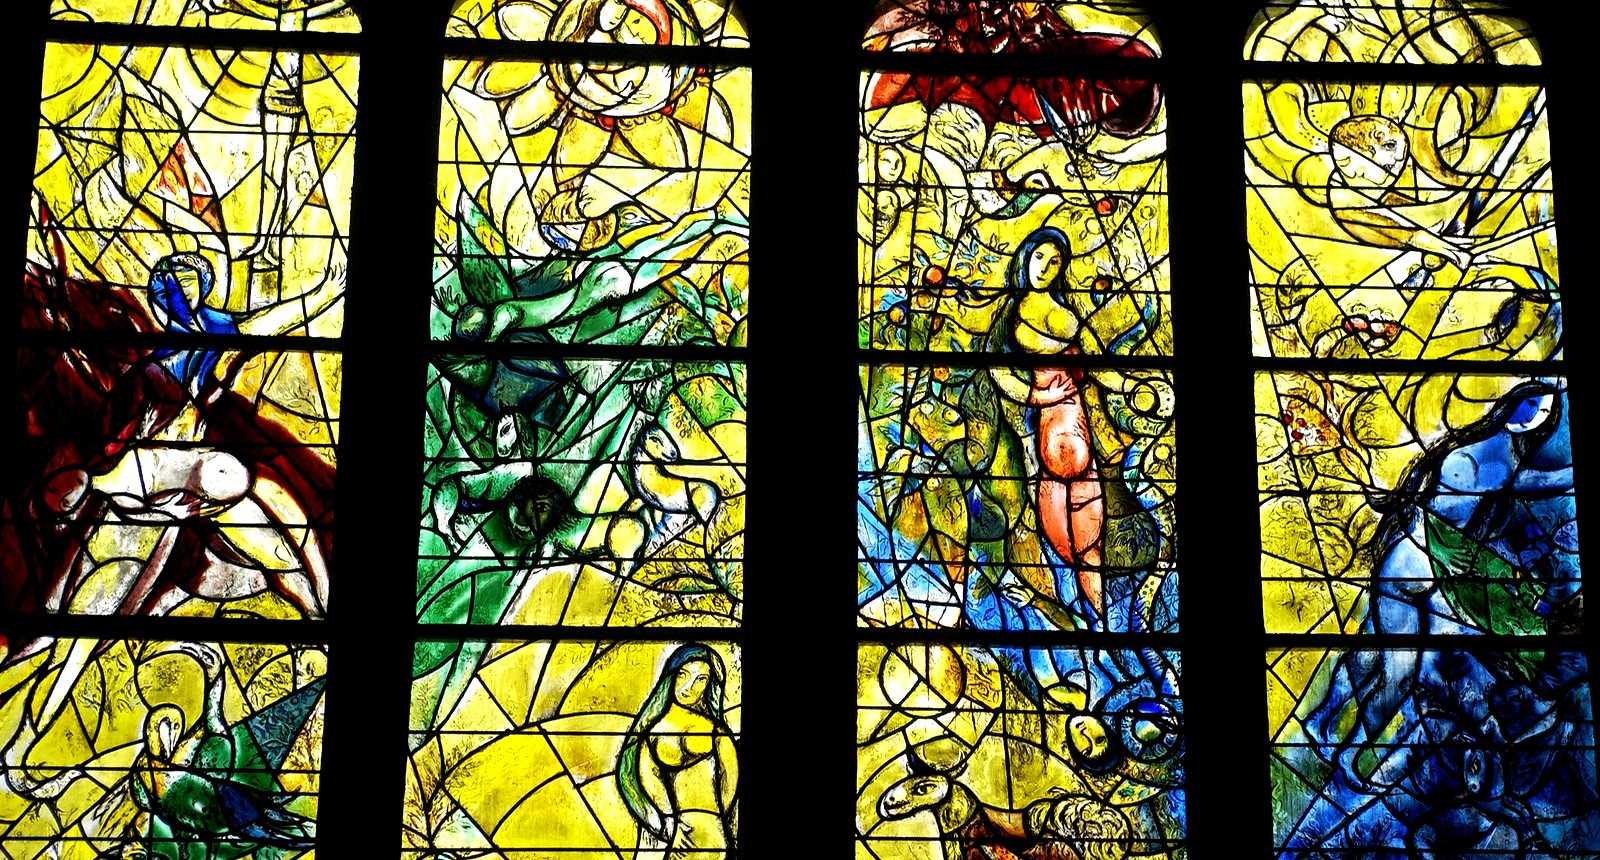 Vitraux de la Cathédrale Saint-Etienne de Metz (1)